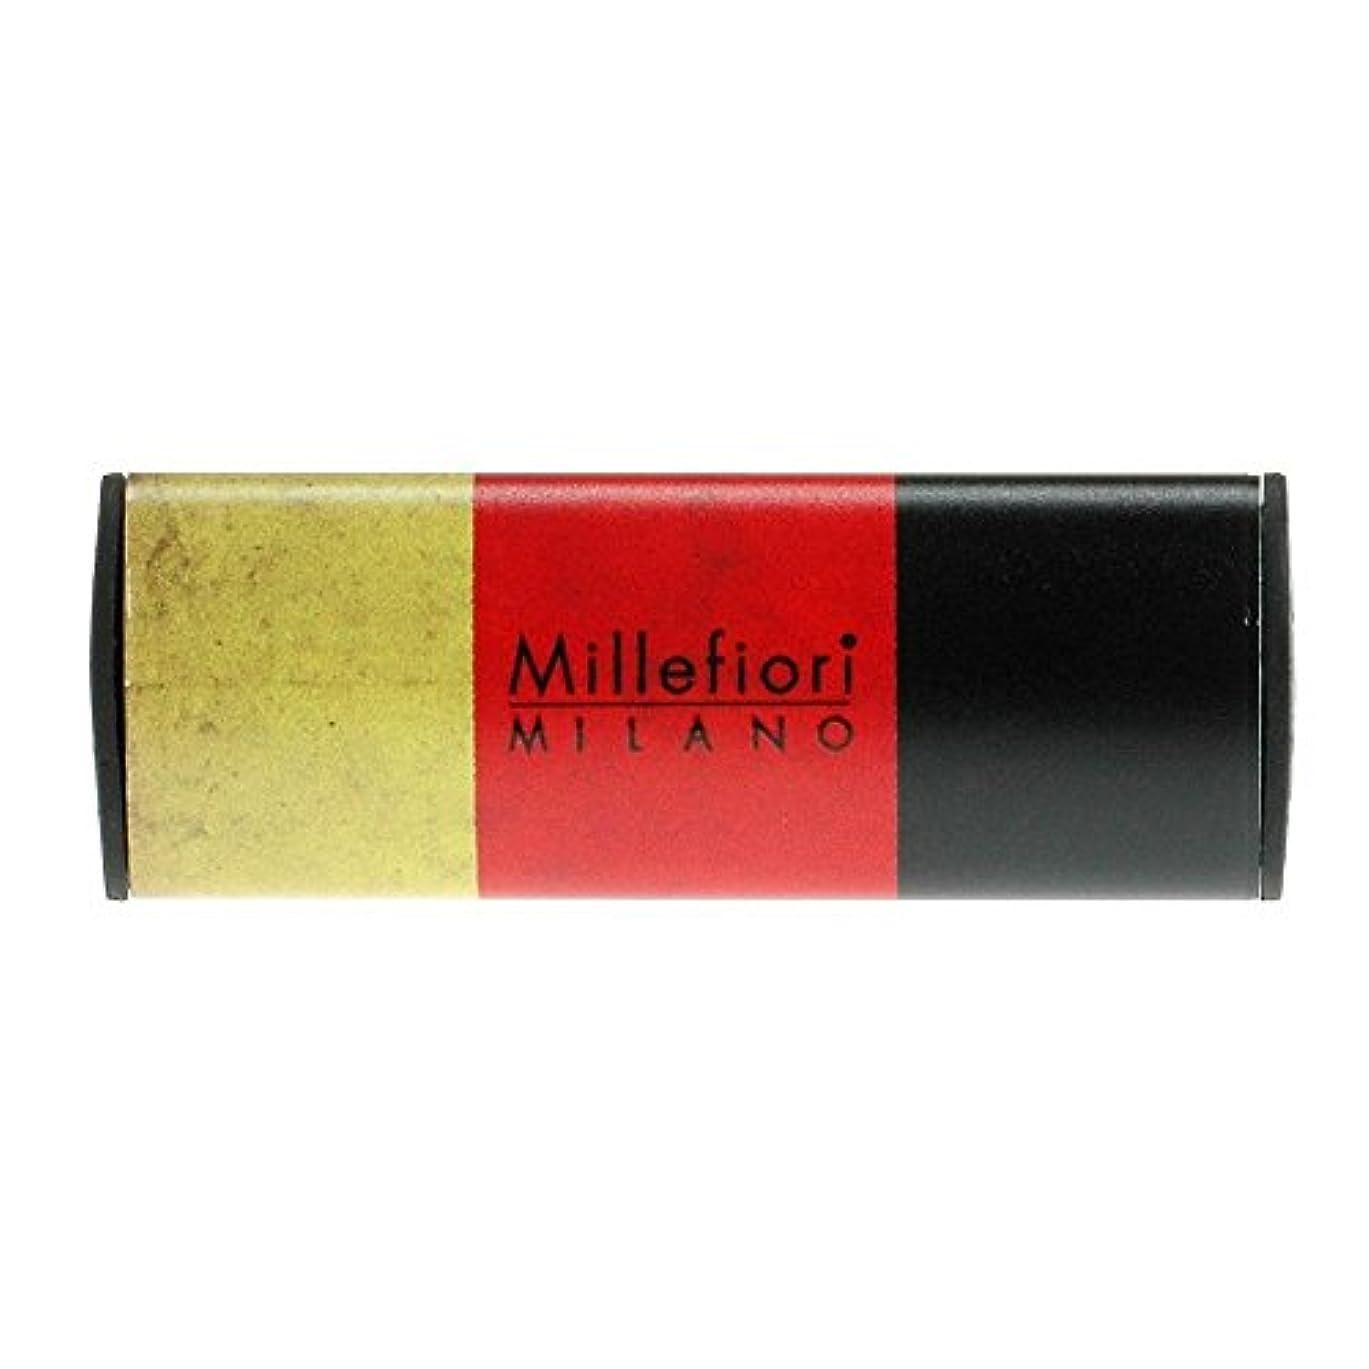 作曲する膜発火するMillefiori カーエアフレッシュナー FLAG スパイシーウッド CDIF-G-003